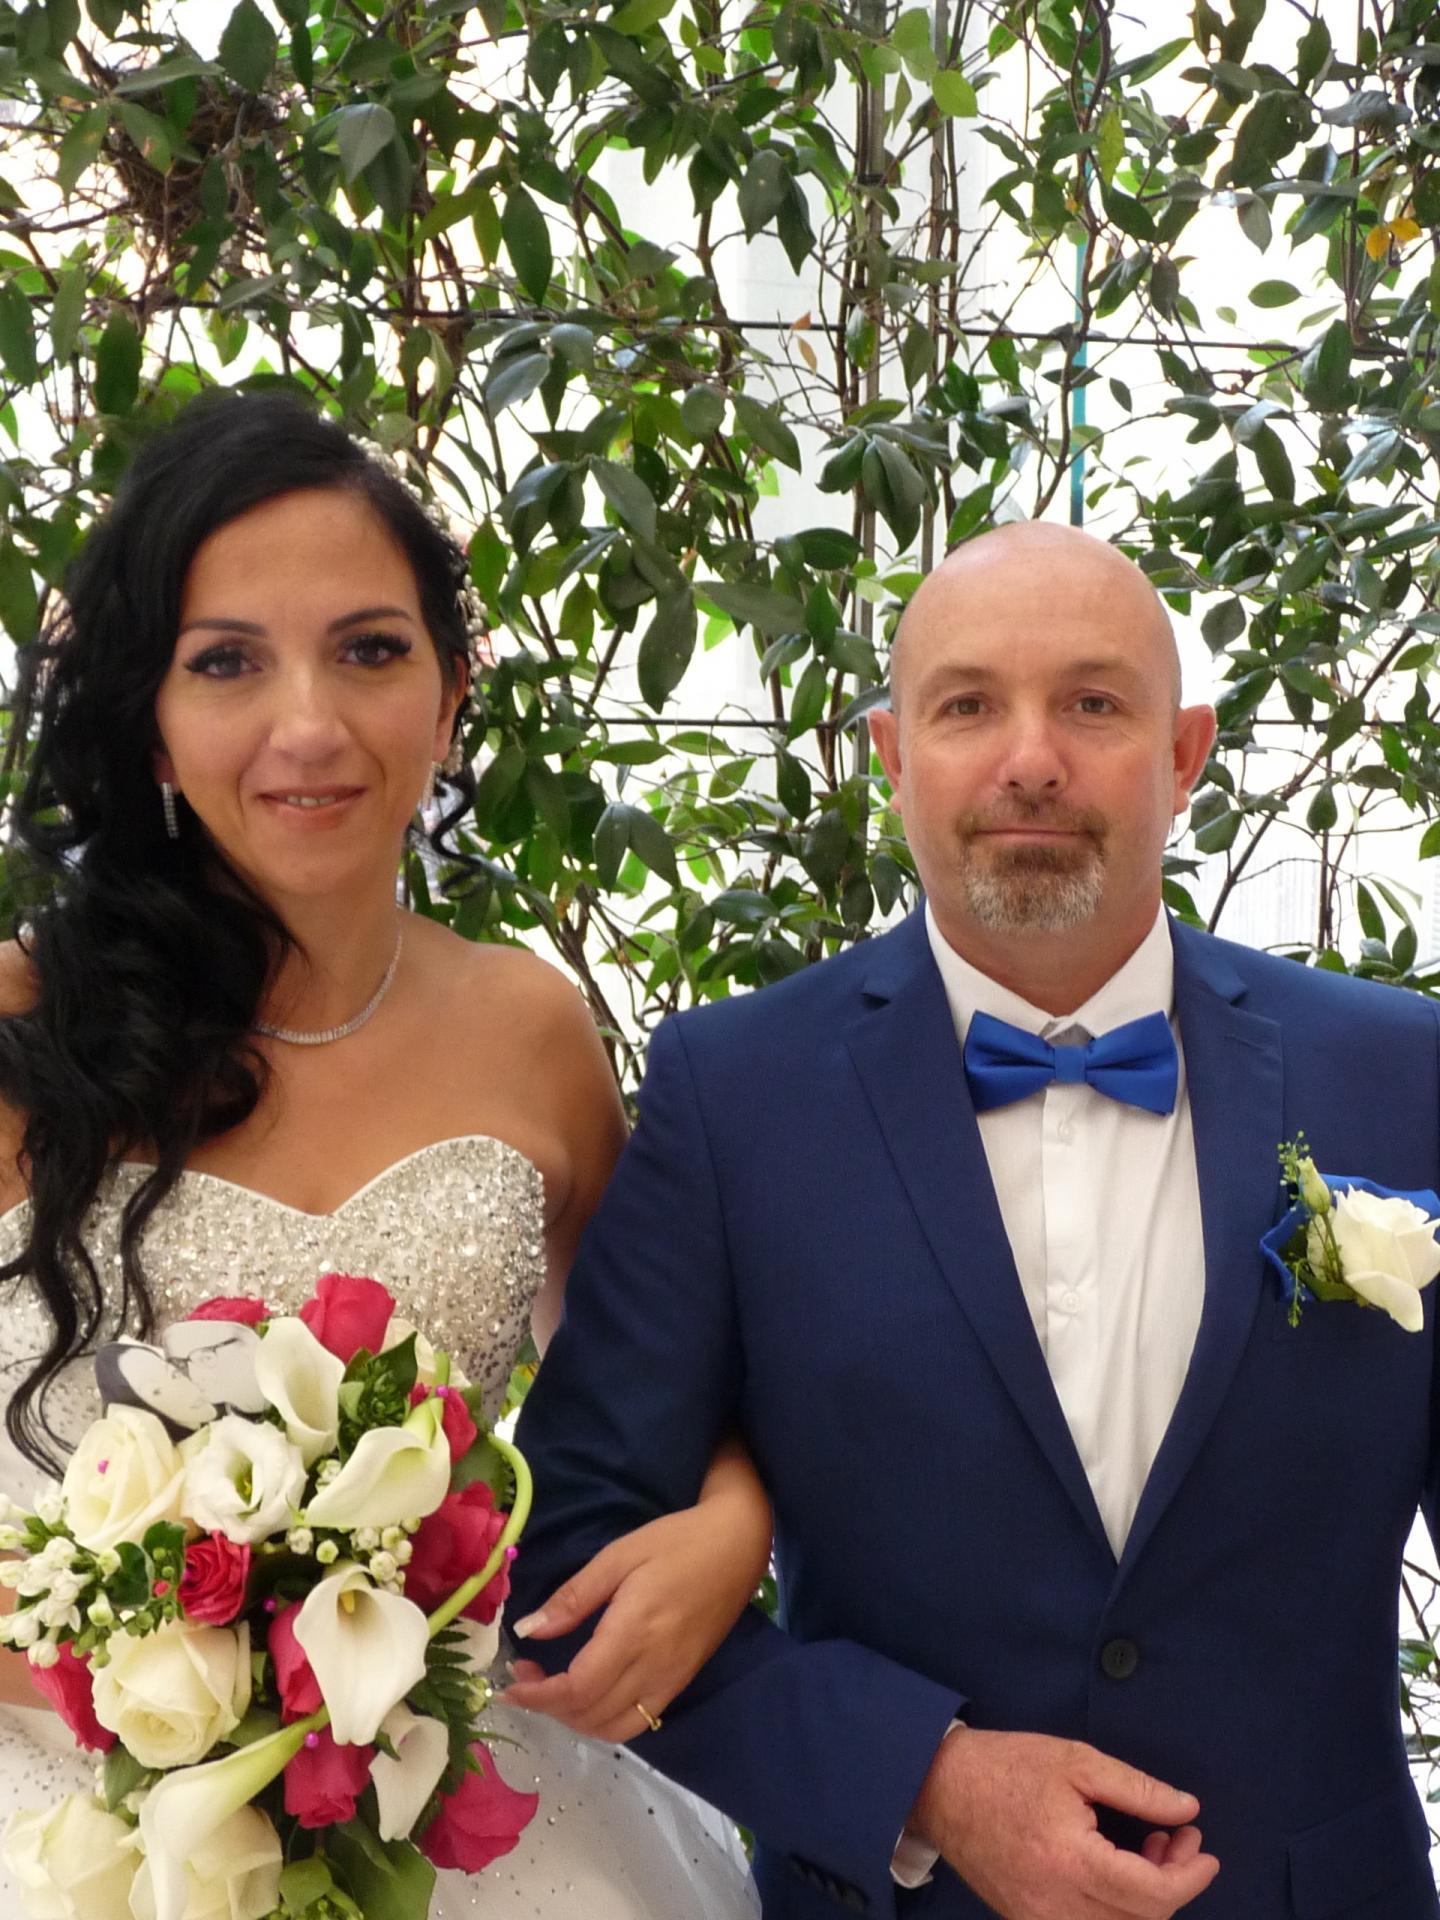 Carine Savalli, télévendeuse en marketing, et Didier Gladel, agent de sureté aéroportuaire.